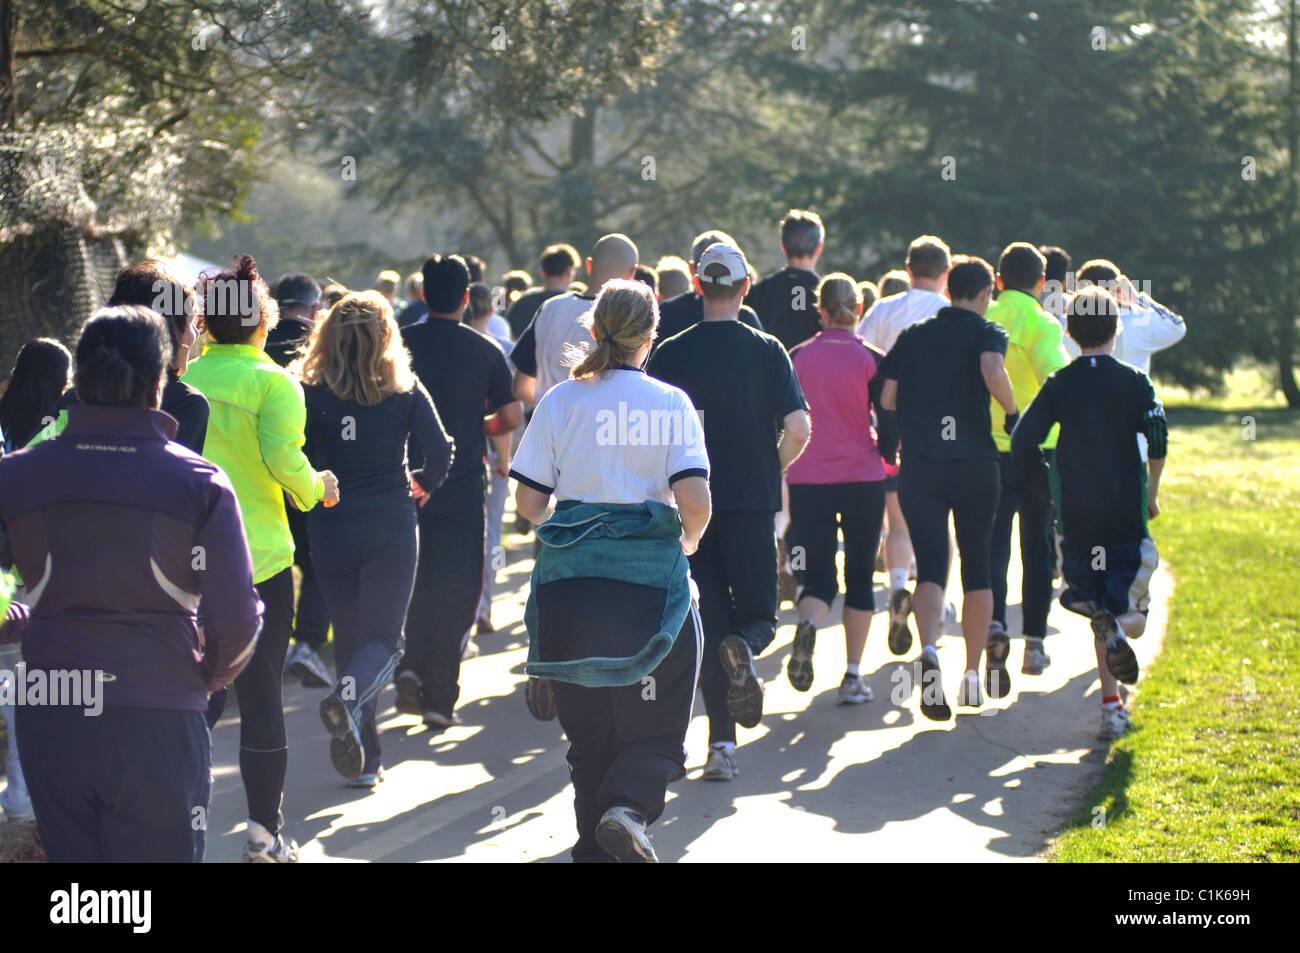 Runners in Brueton parkrun, Solihull, UK - Stock Image